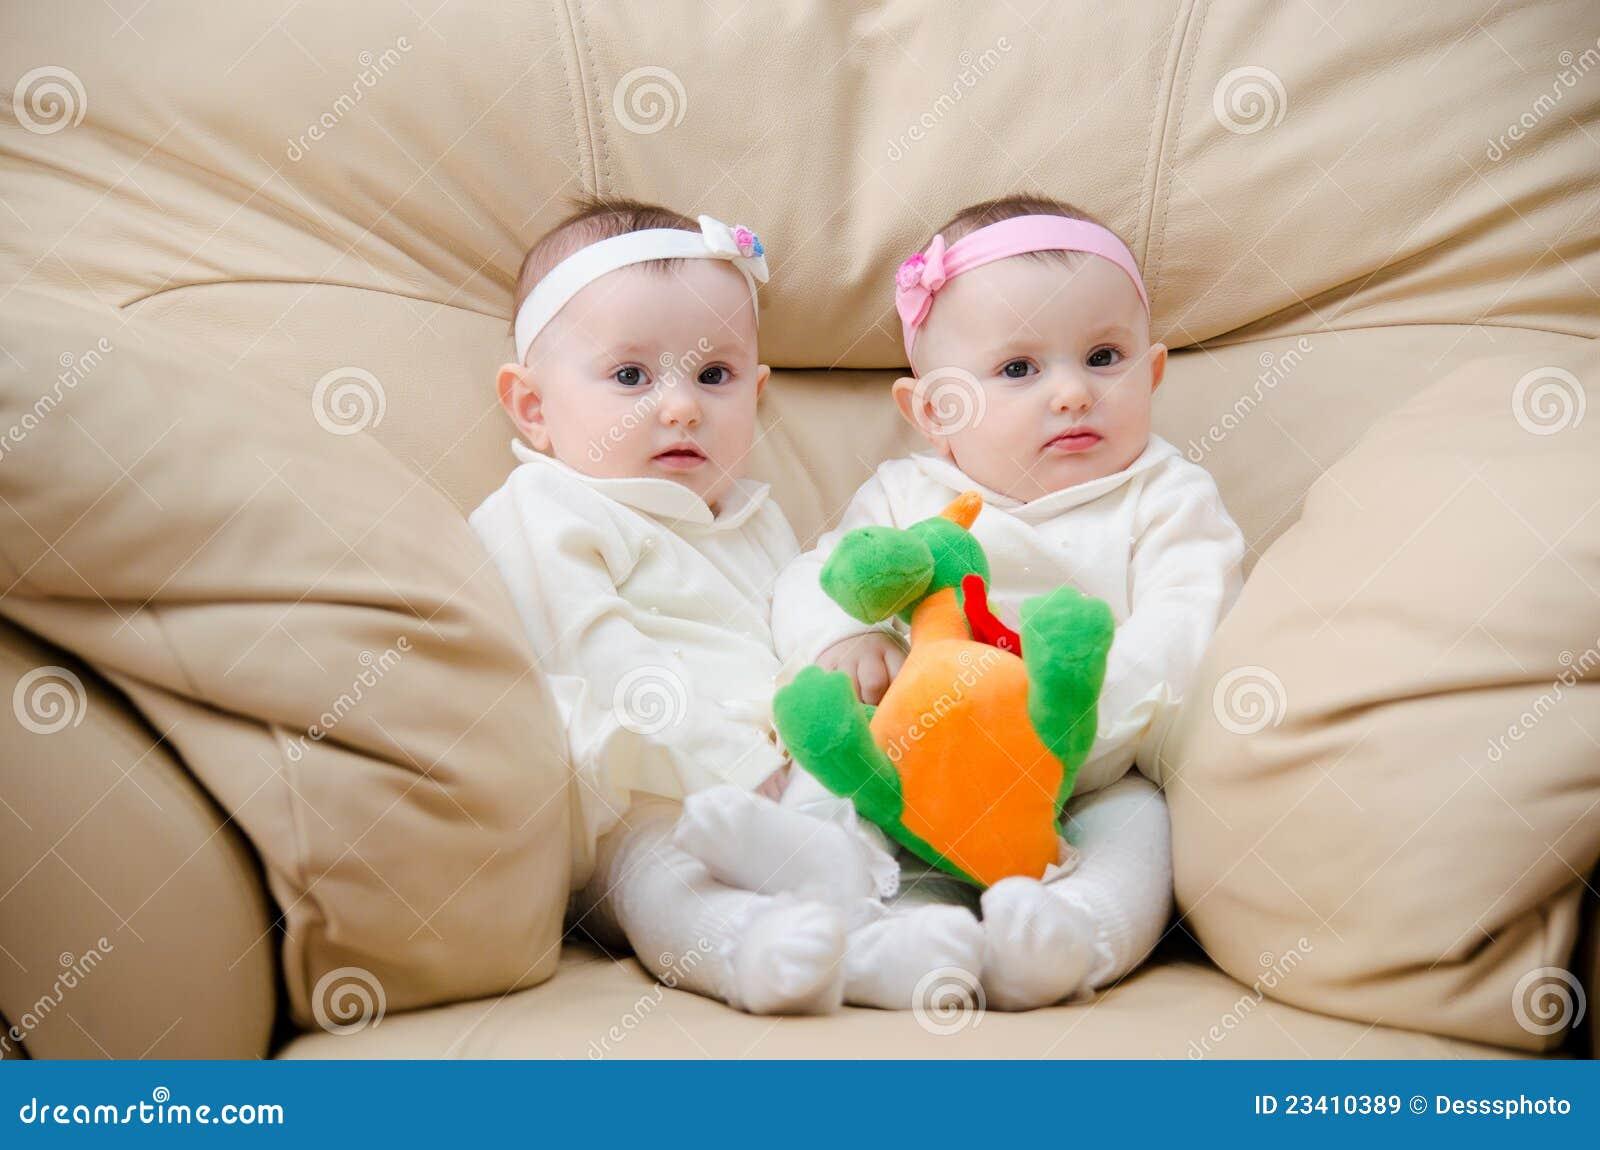 Newborn Identical Twins Pretty Twins Royalty F...